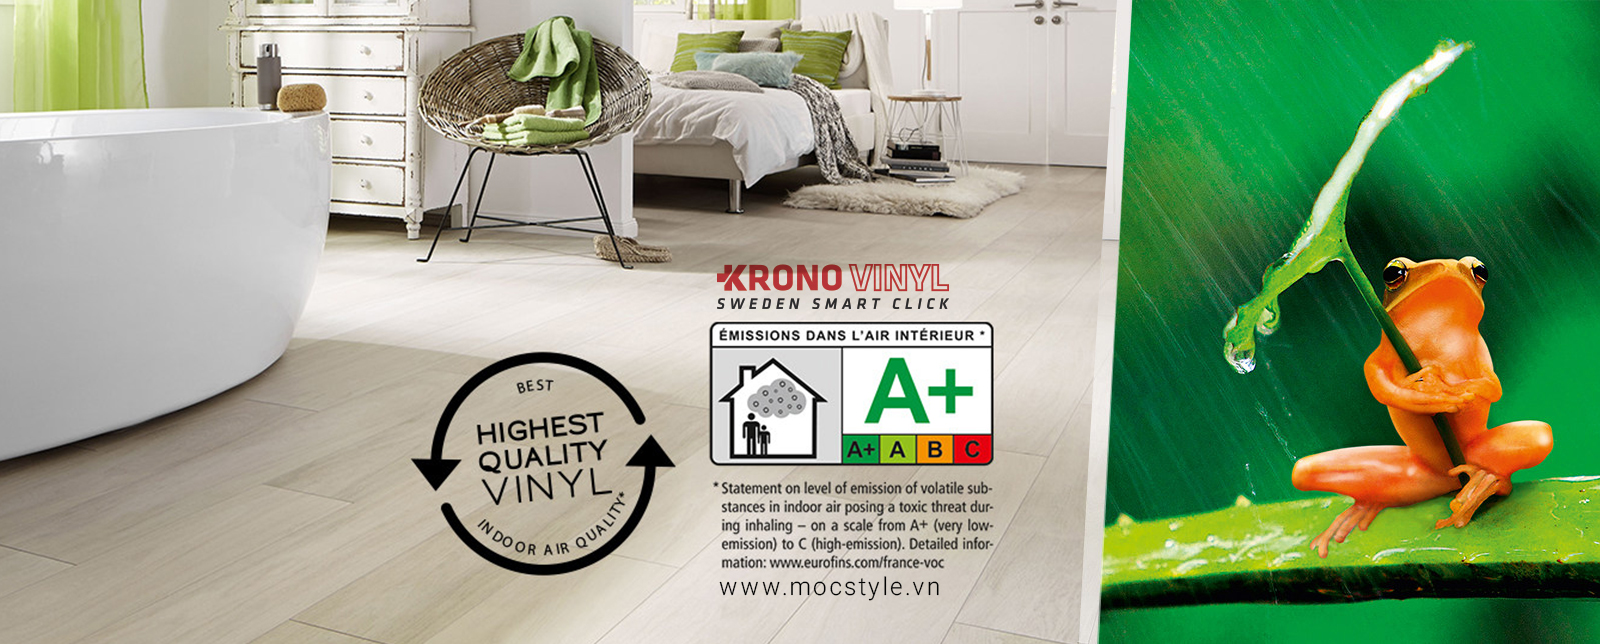 Sàn nhựa KRONO VINYL - Krono Plus+ 6mm